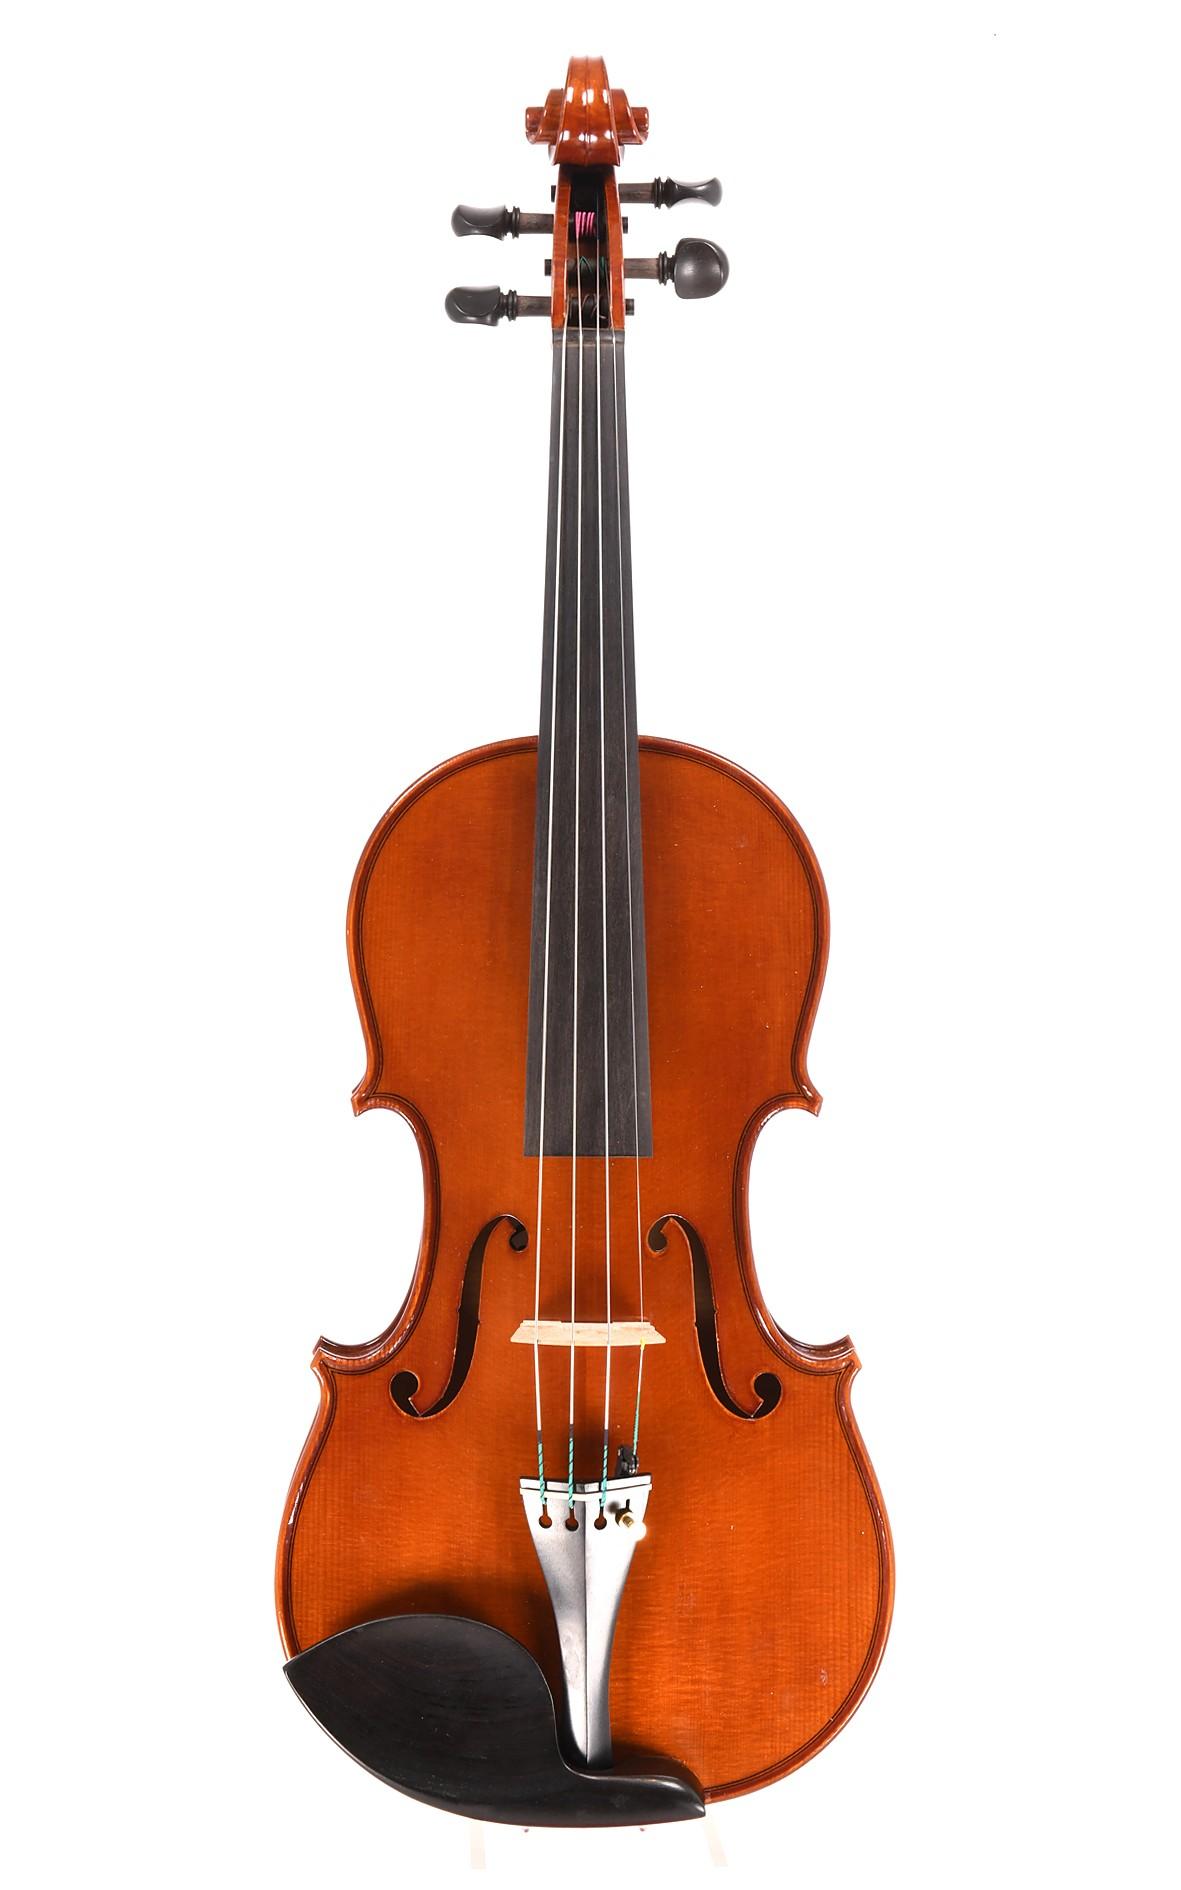 Italian violin by Giorgio Grisales, Cremona, 1993 (certificate by Giorgio Grisales)